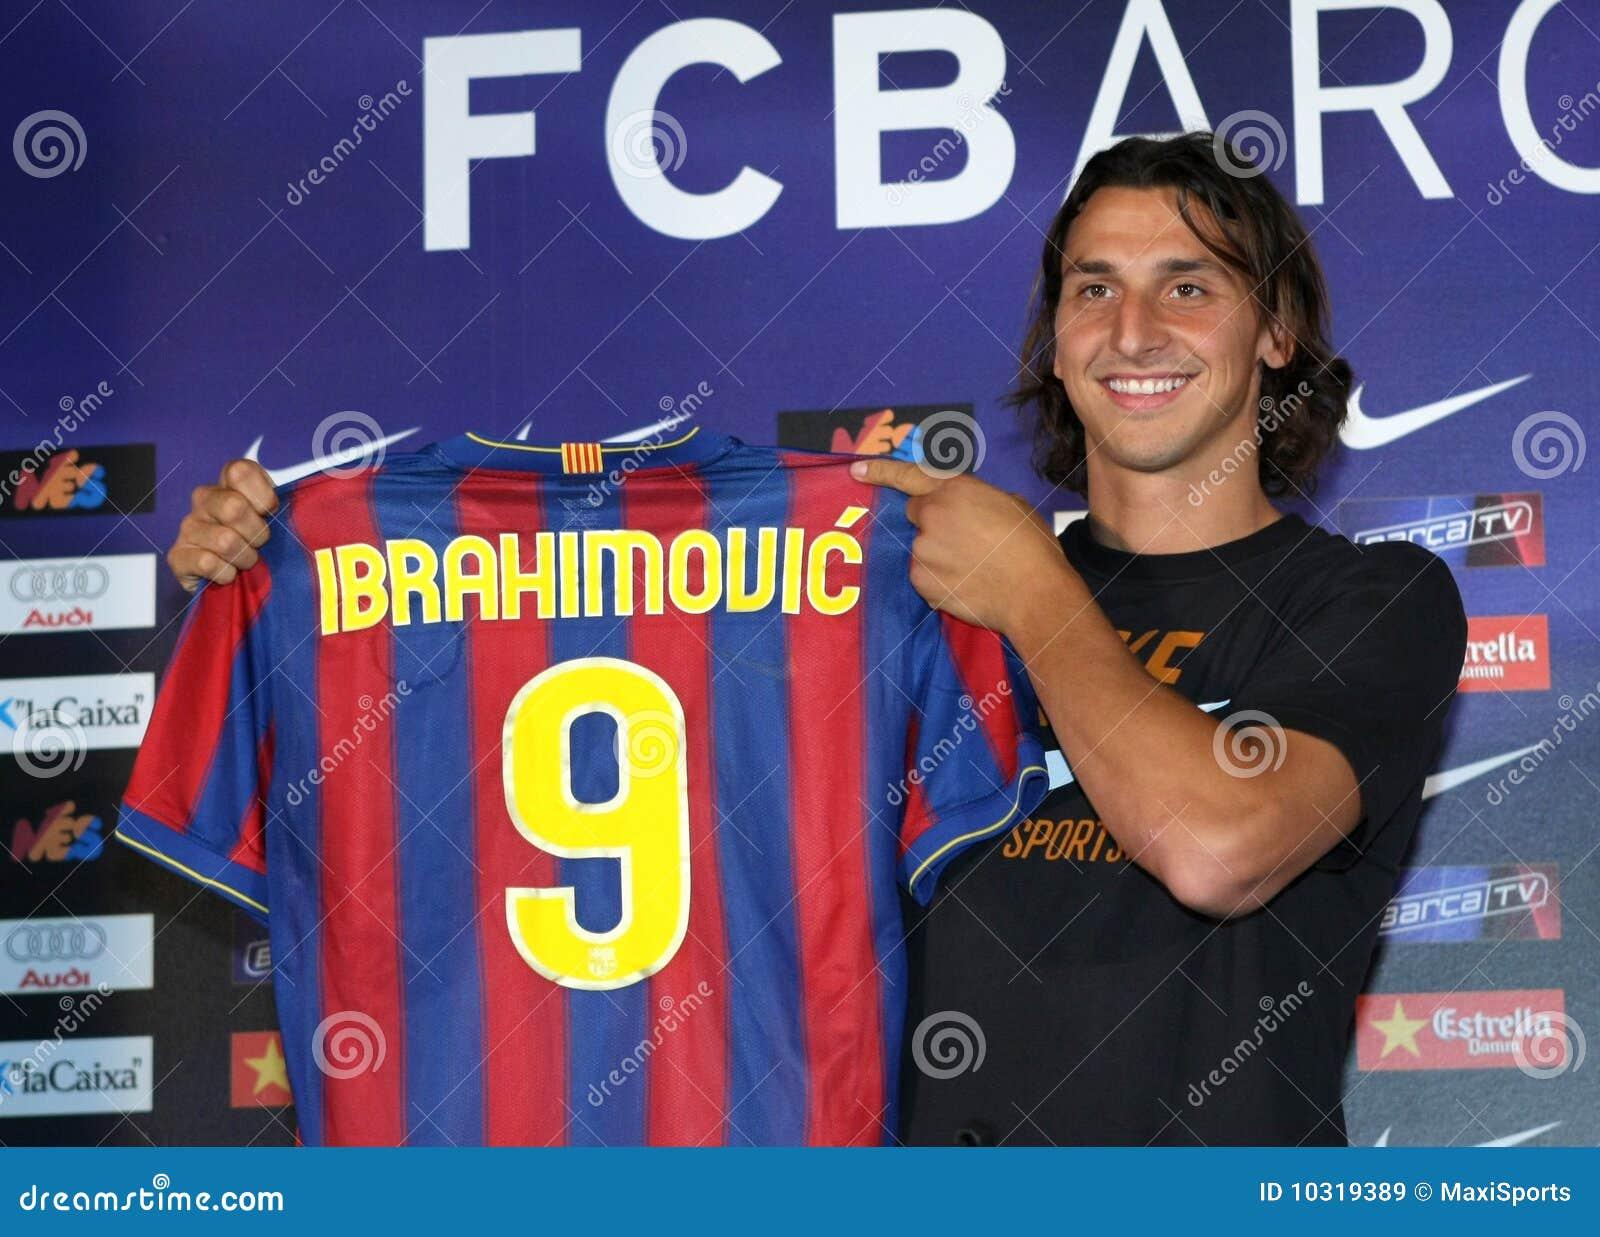 Zlatan Ibrahimovic presentation